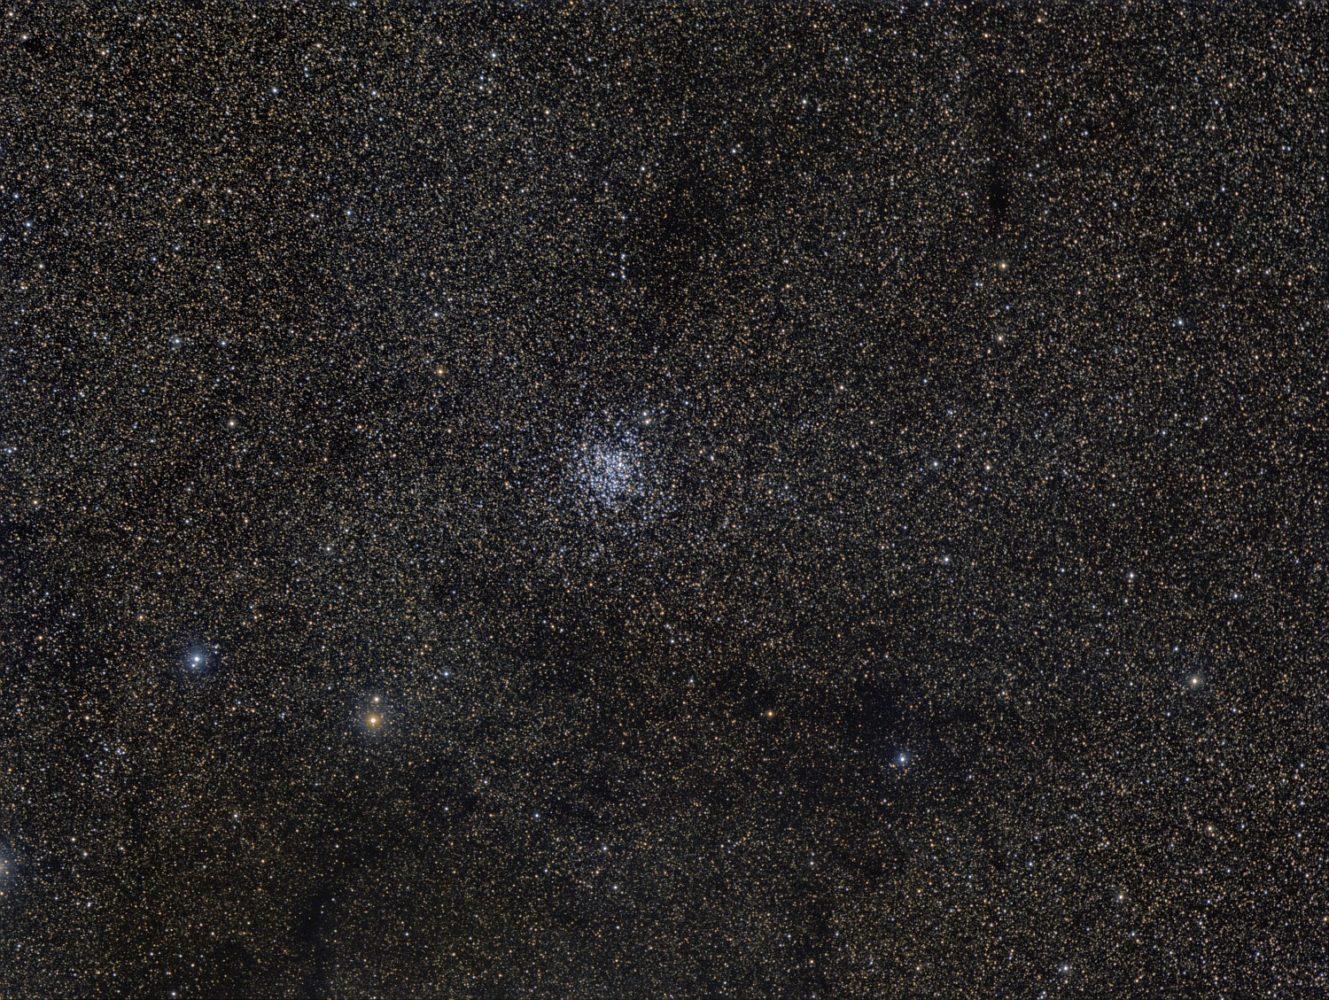 Messier 11, 2013-07-27